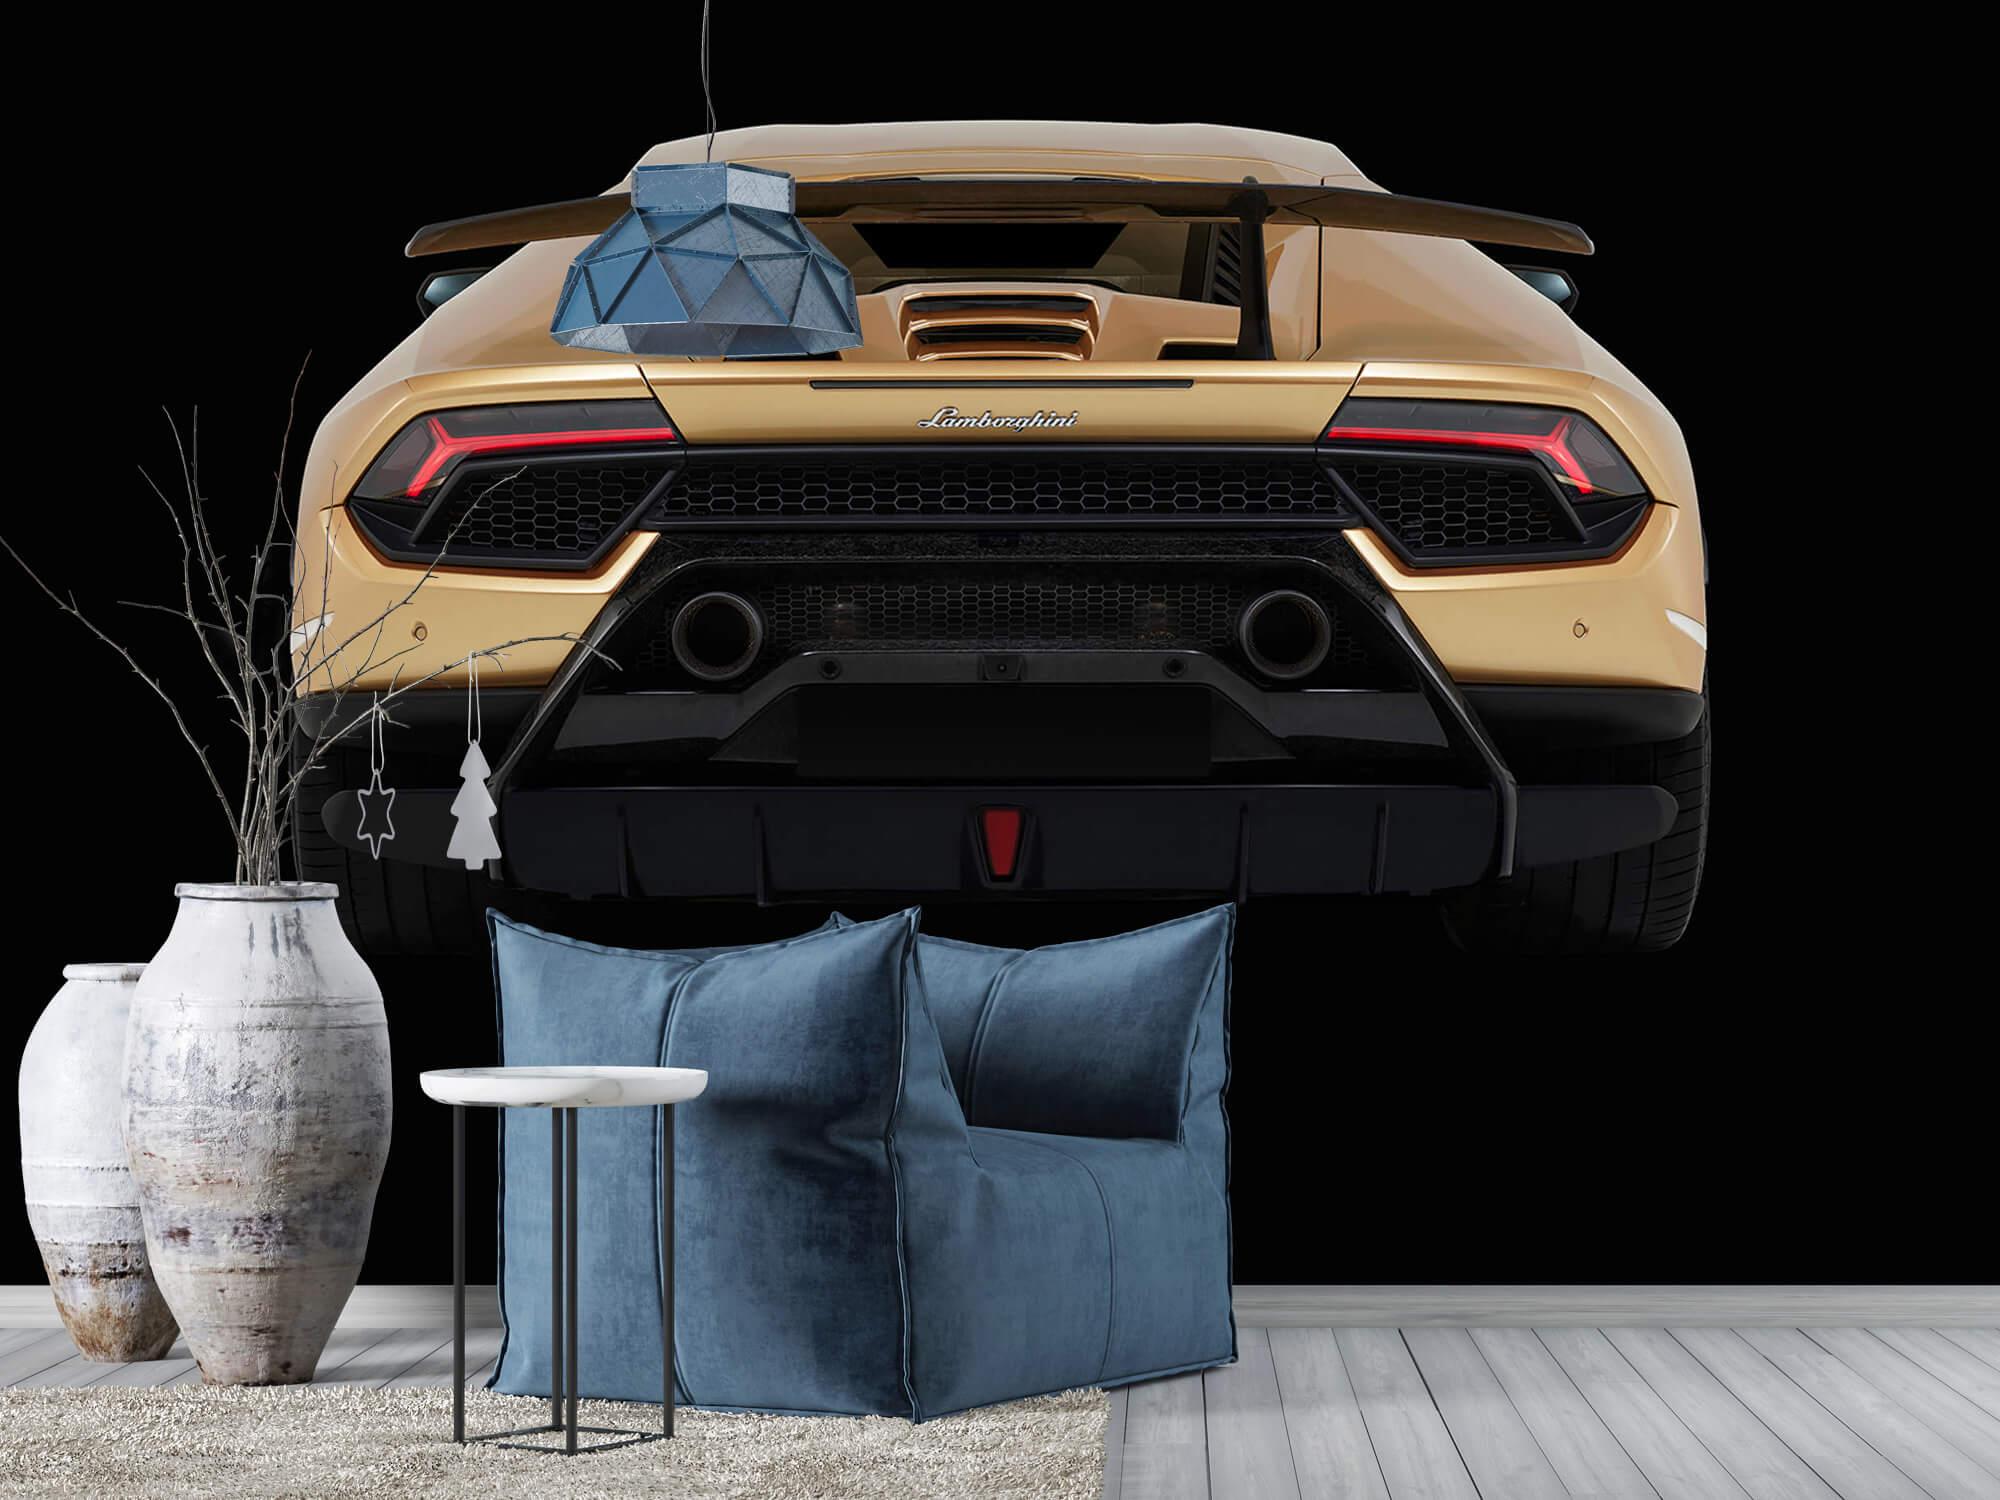 Wallpaper Lamborghini Huracán - Bak, svart 8